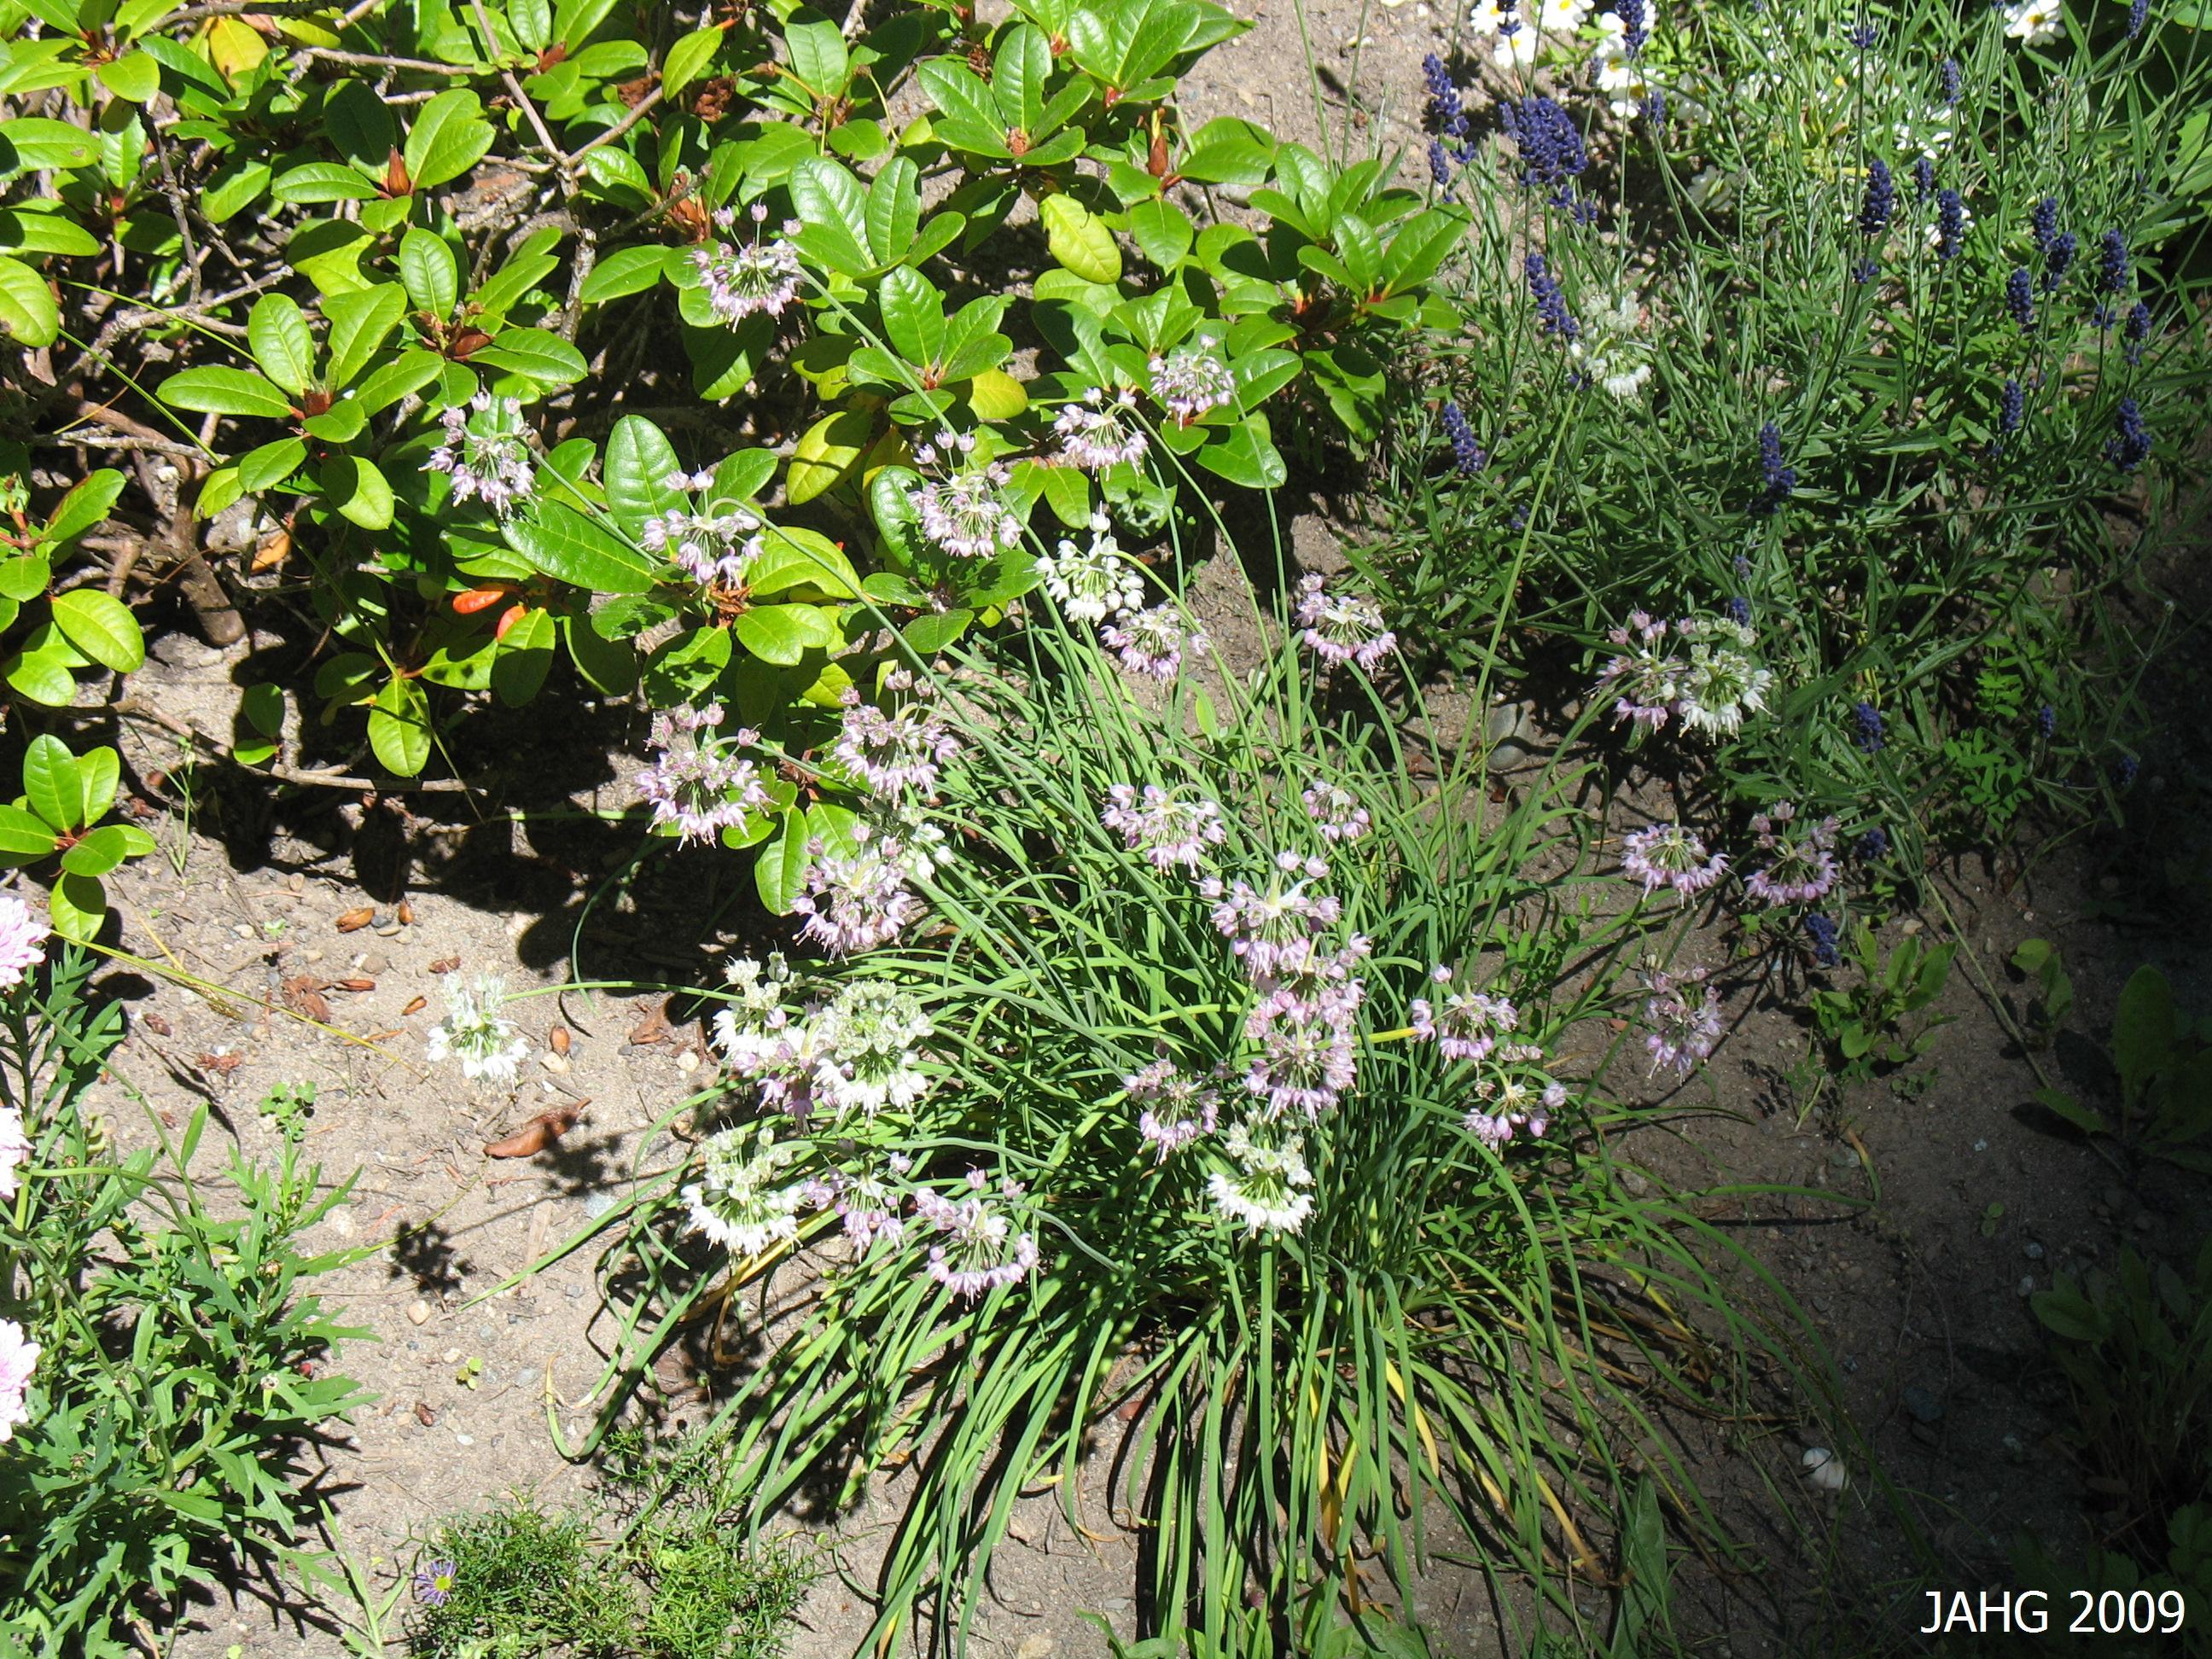 Allium cernuum(Nodding Onion) in my garden.